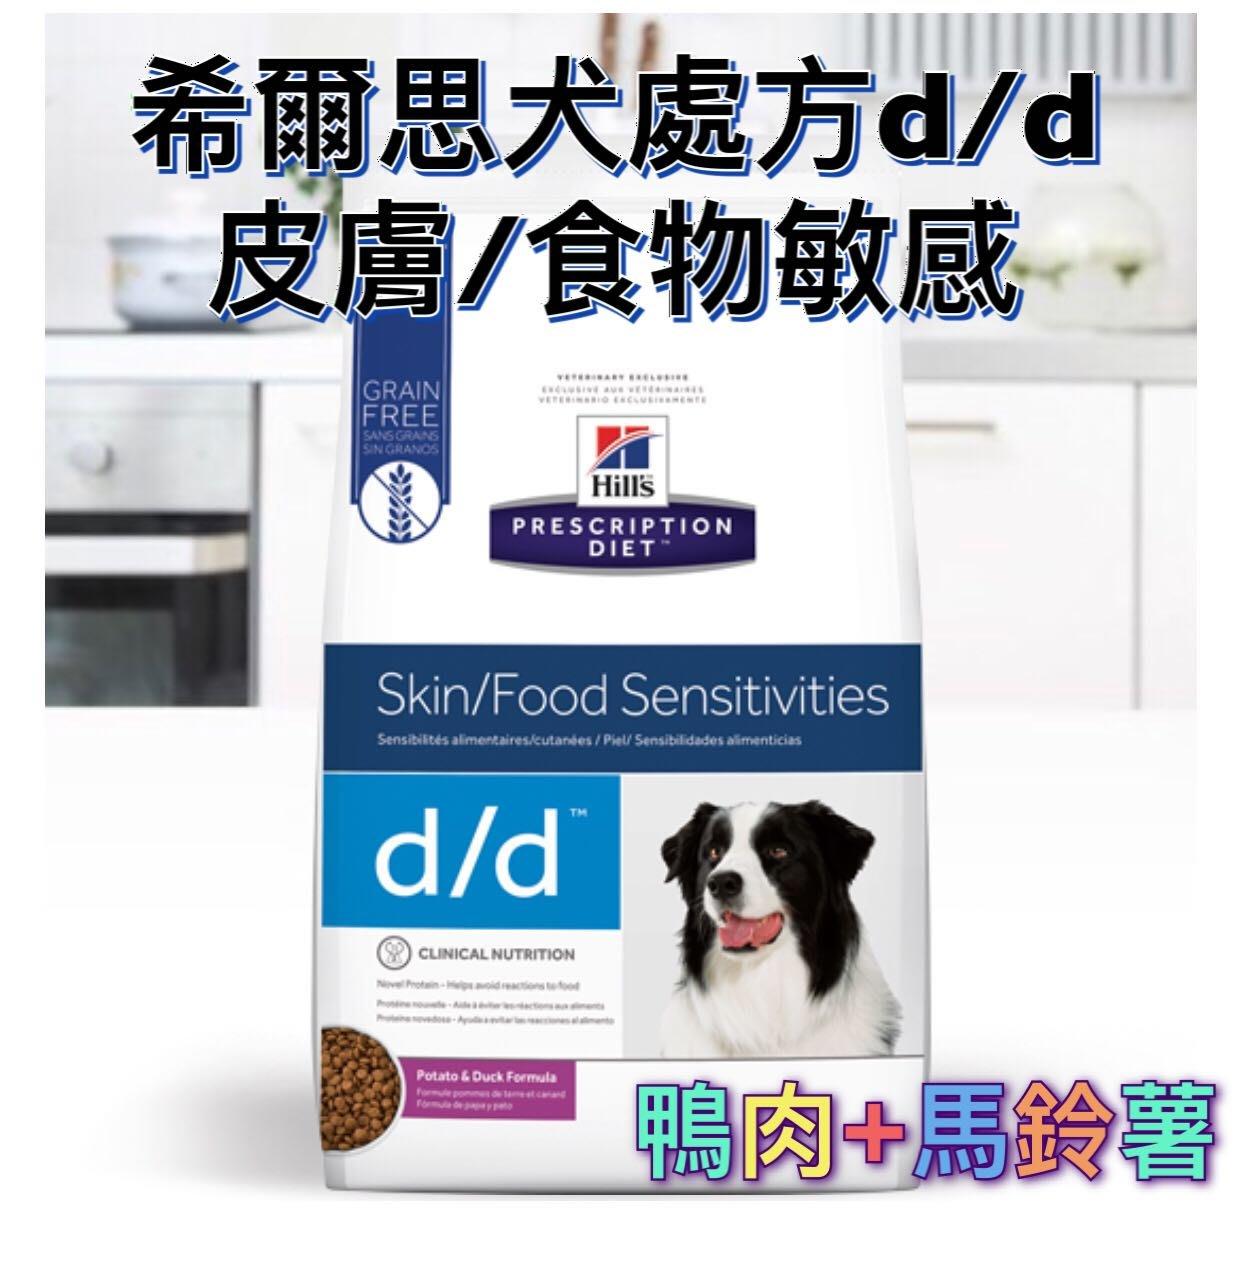 希爾思犬處方 d/d 皮膚食物敏感 鴨肉馬鈴薯 8磅 狗飼料 5347